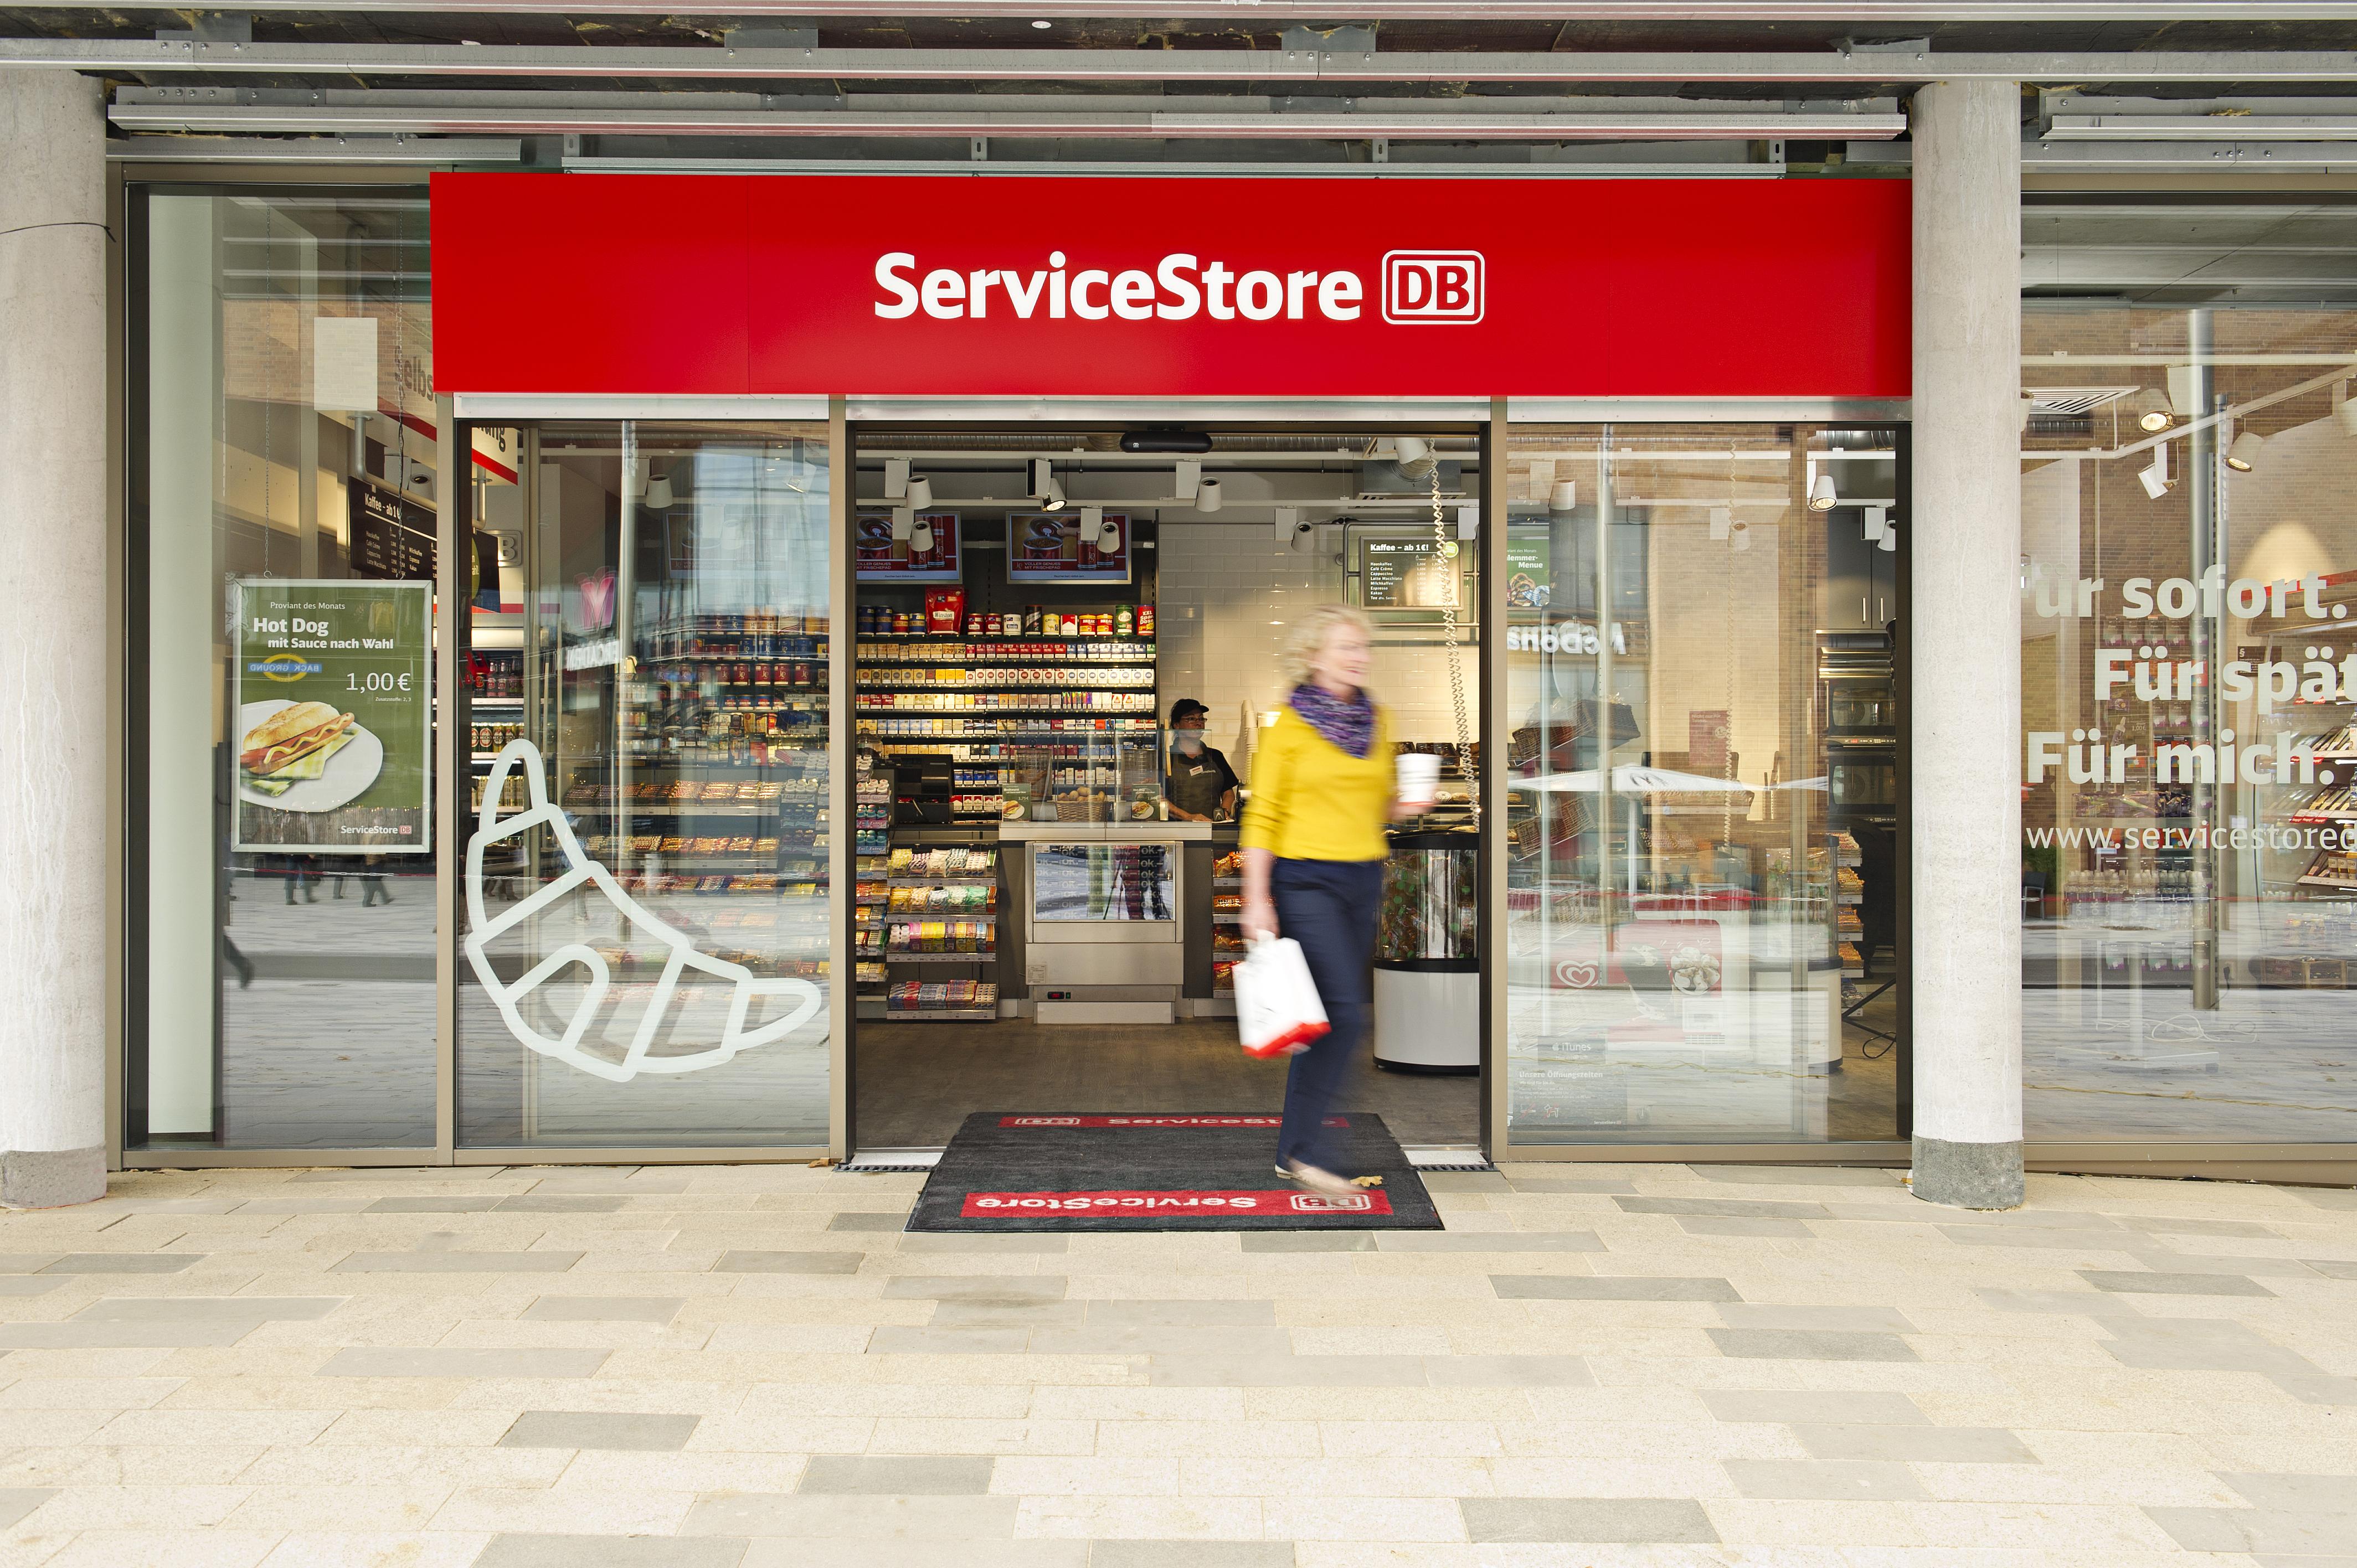 ServiceStore DB - S-Bahnhof Storkower Straße